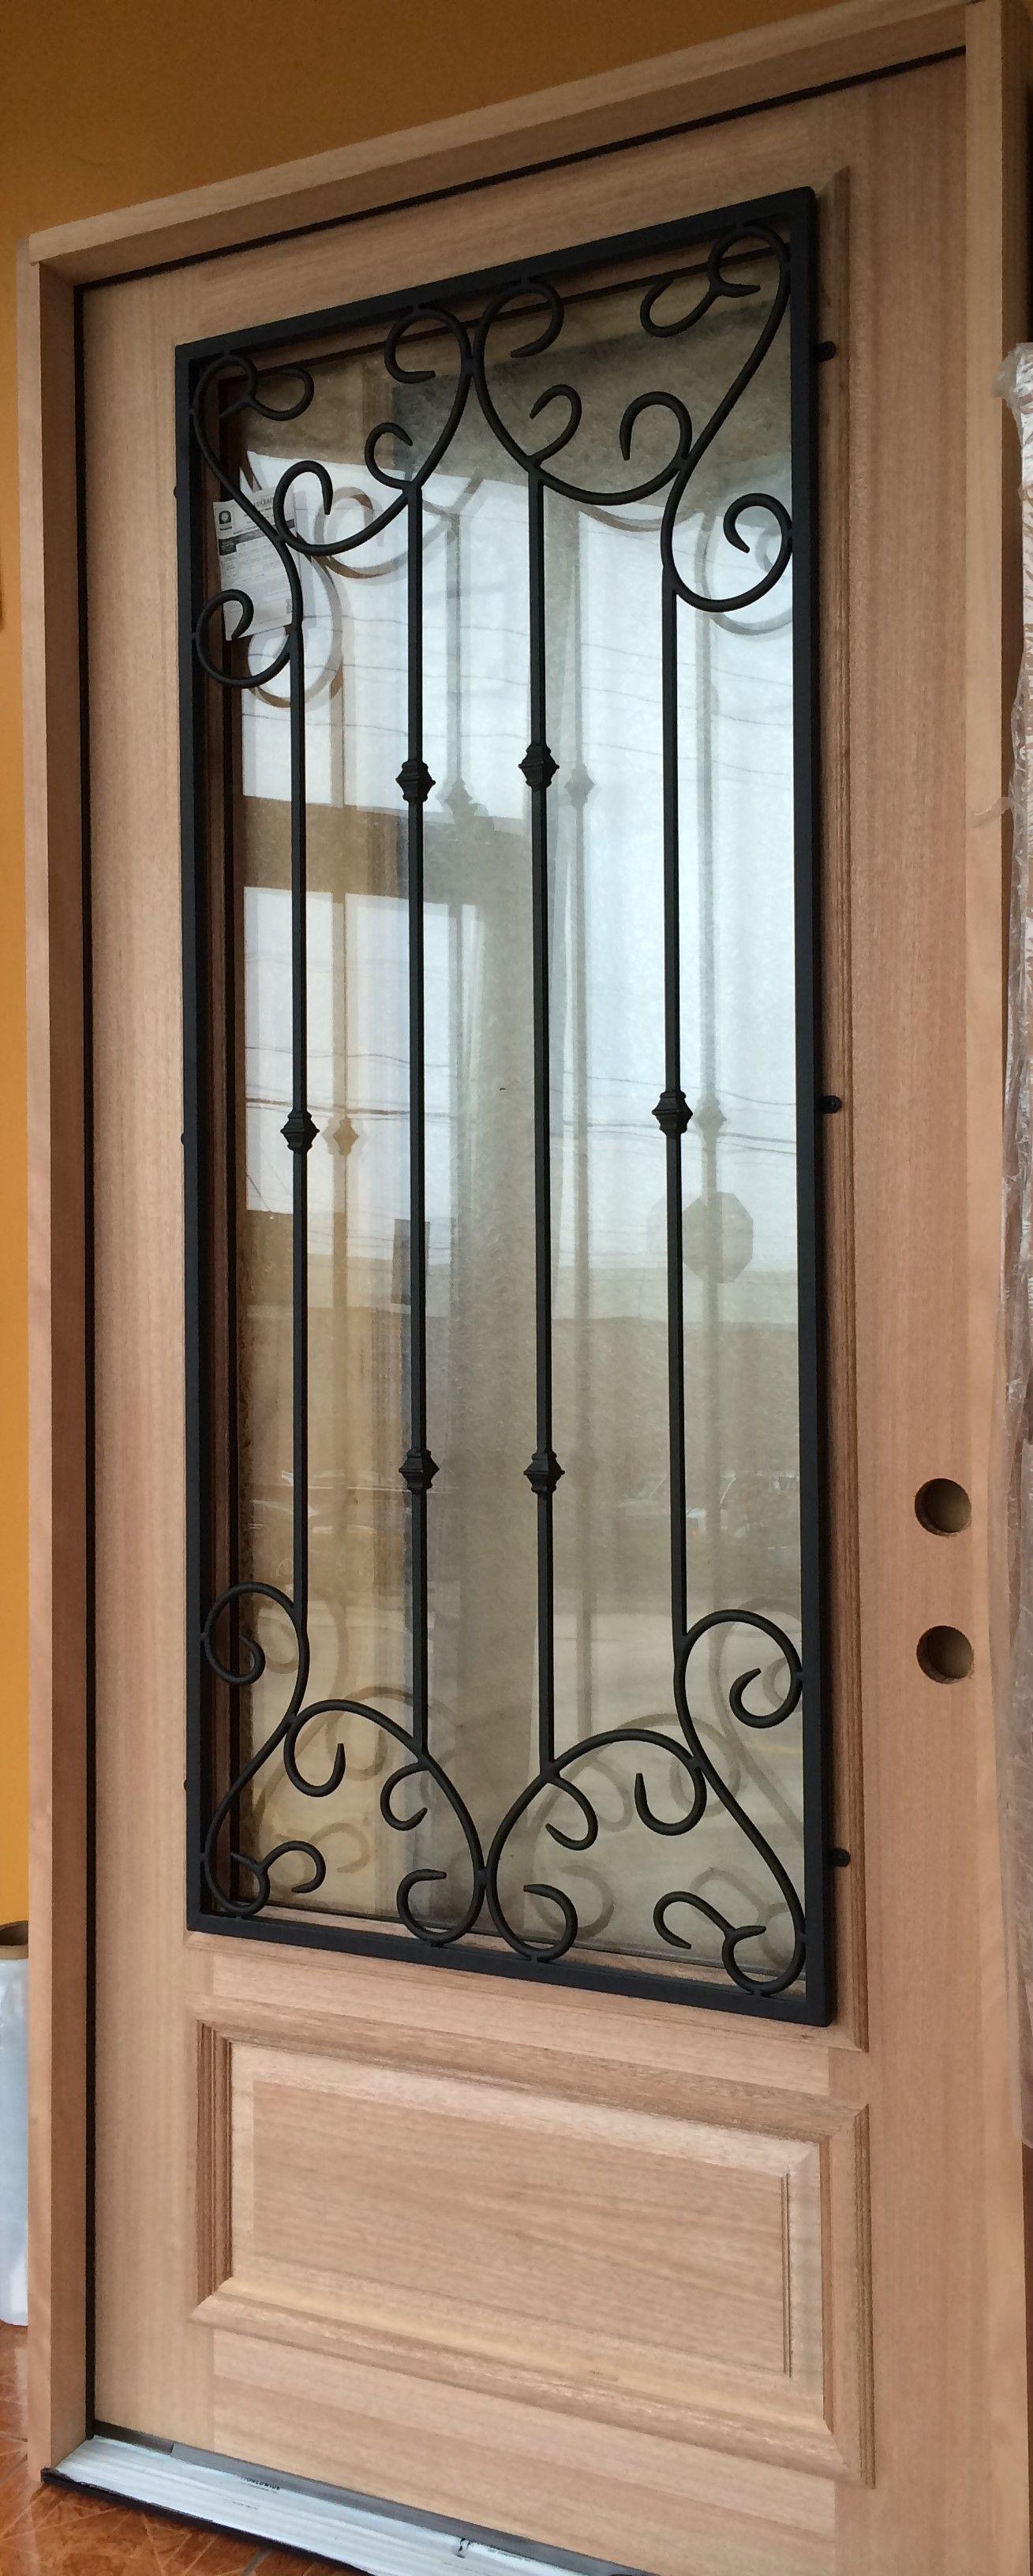 IRON GRILL WOOD DOOR | Mahogany wood | Knotty Alder | Doors for Builders Inc & IRON GRILL WOOD DOOR | Mahogany wood | Knotty Alder | Doors for ... Pezcame.Com